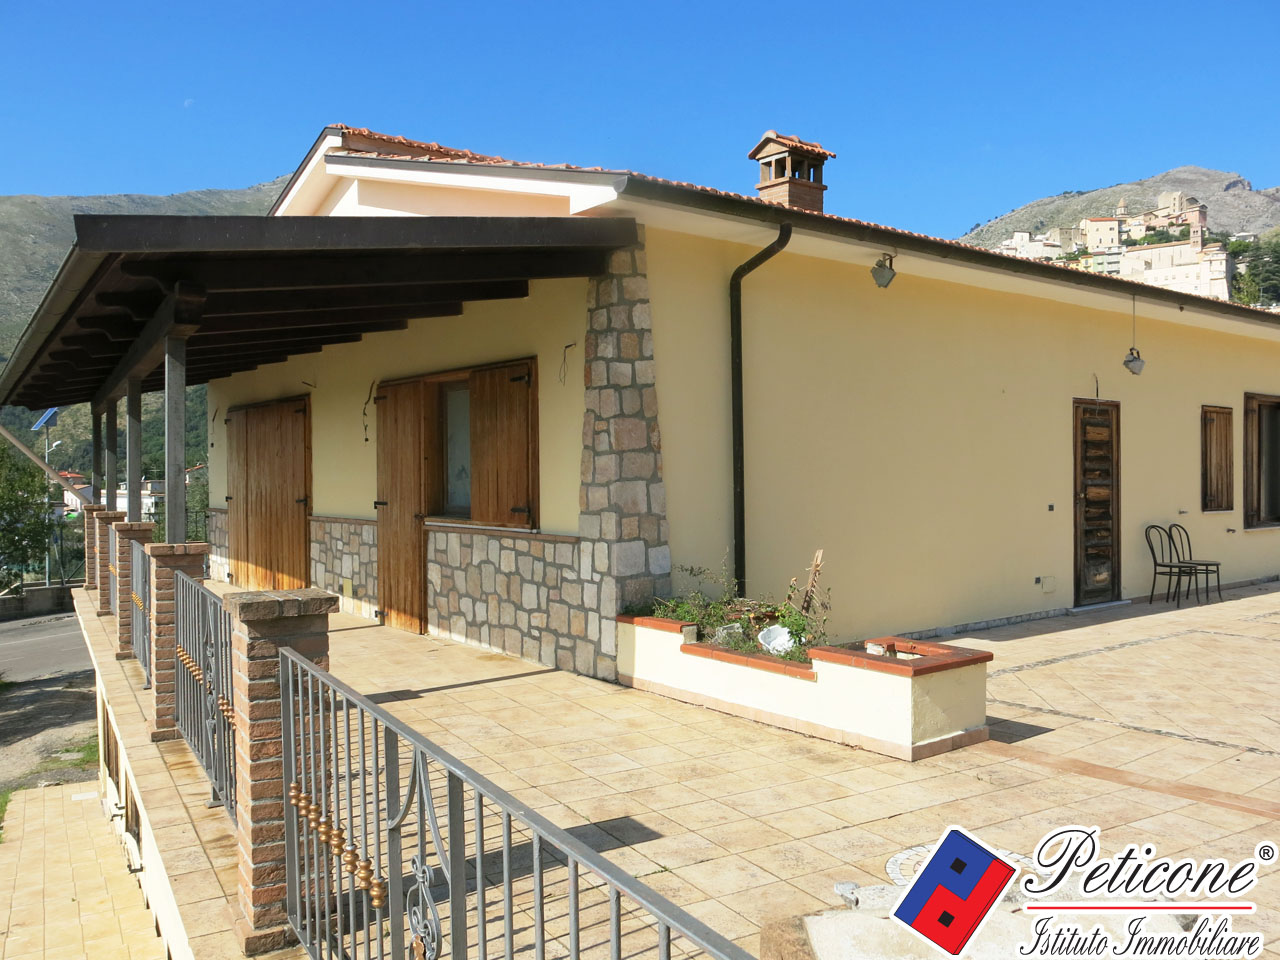 Villa in Vendita a Formia: 4 locali, 90 mq - Foto 1